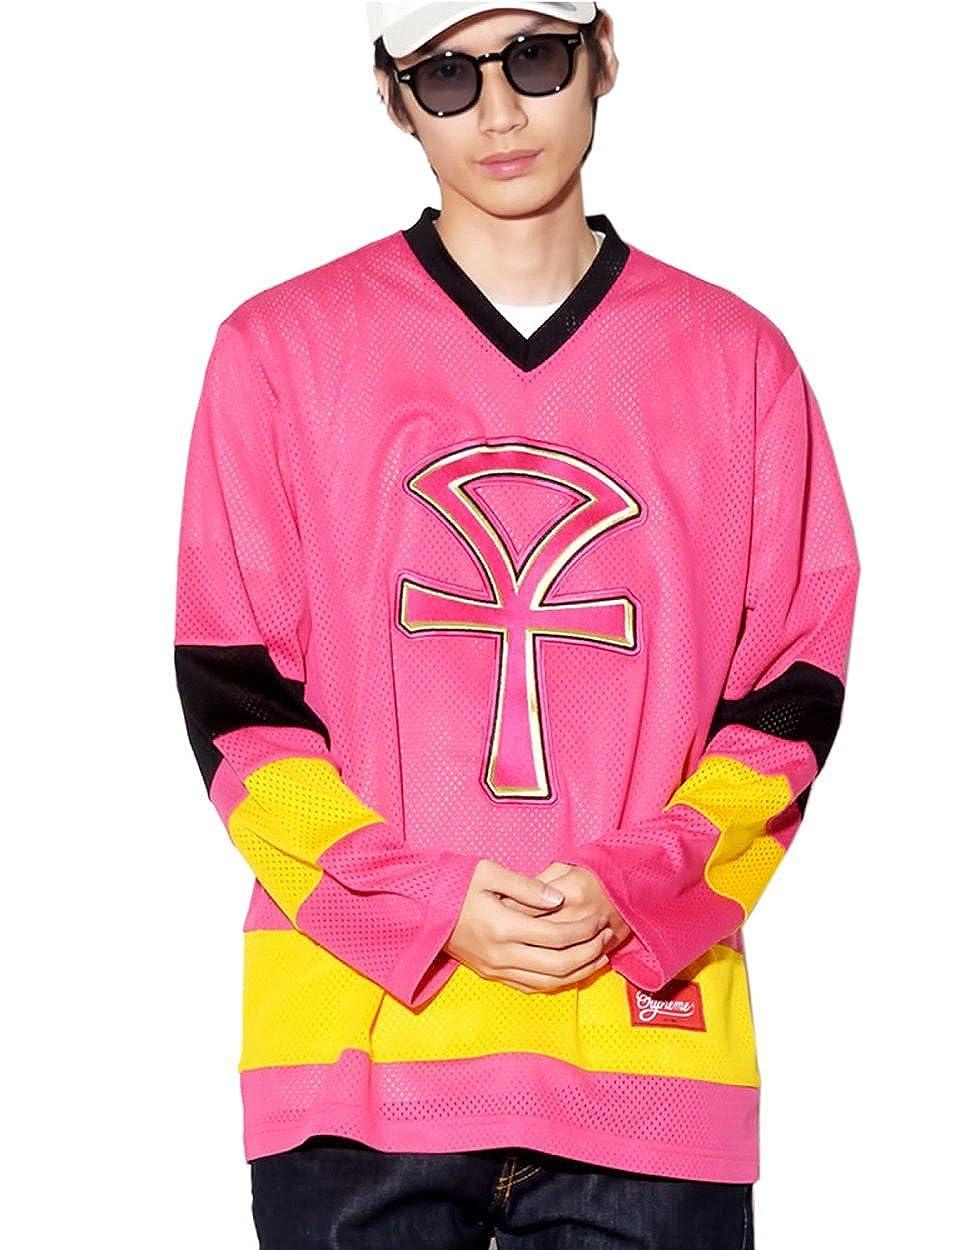 (シュプリーム) SUPREME ホッケーシャツ メッシュ ANKH HOCKEY JERSEY [並行輸入品] B07CP3HB9J  ピンク L